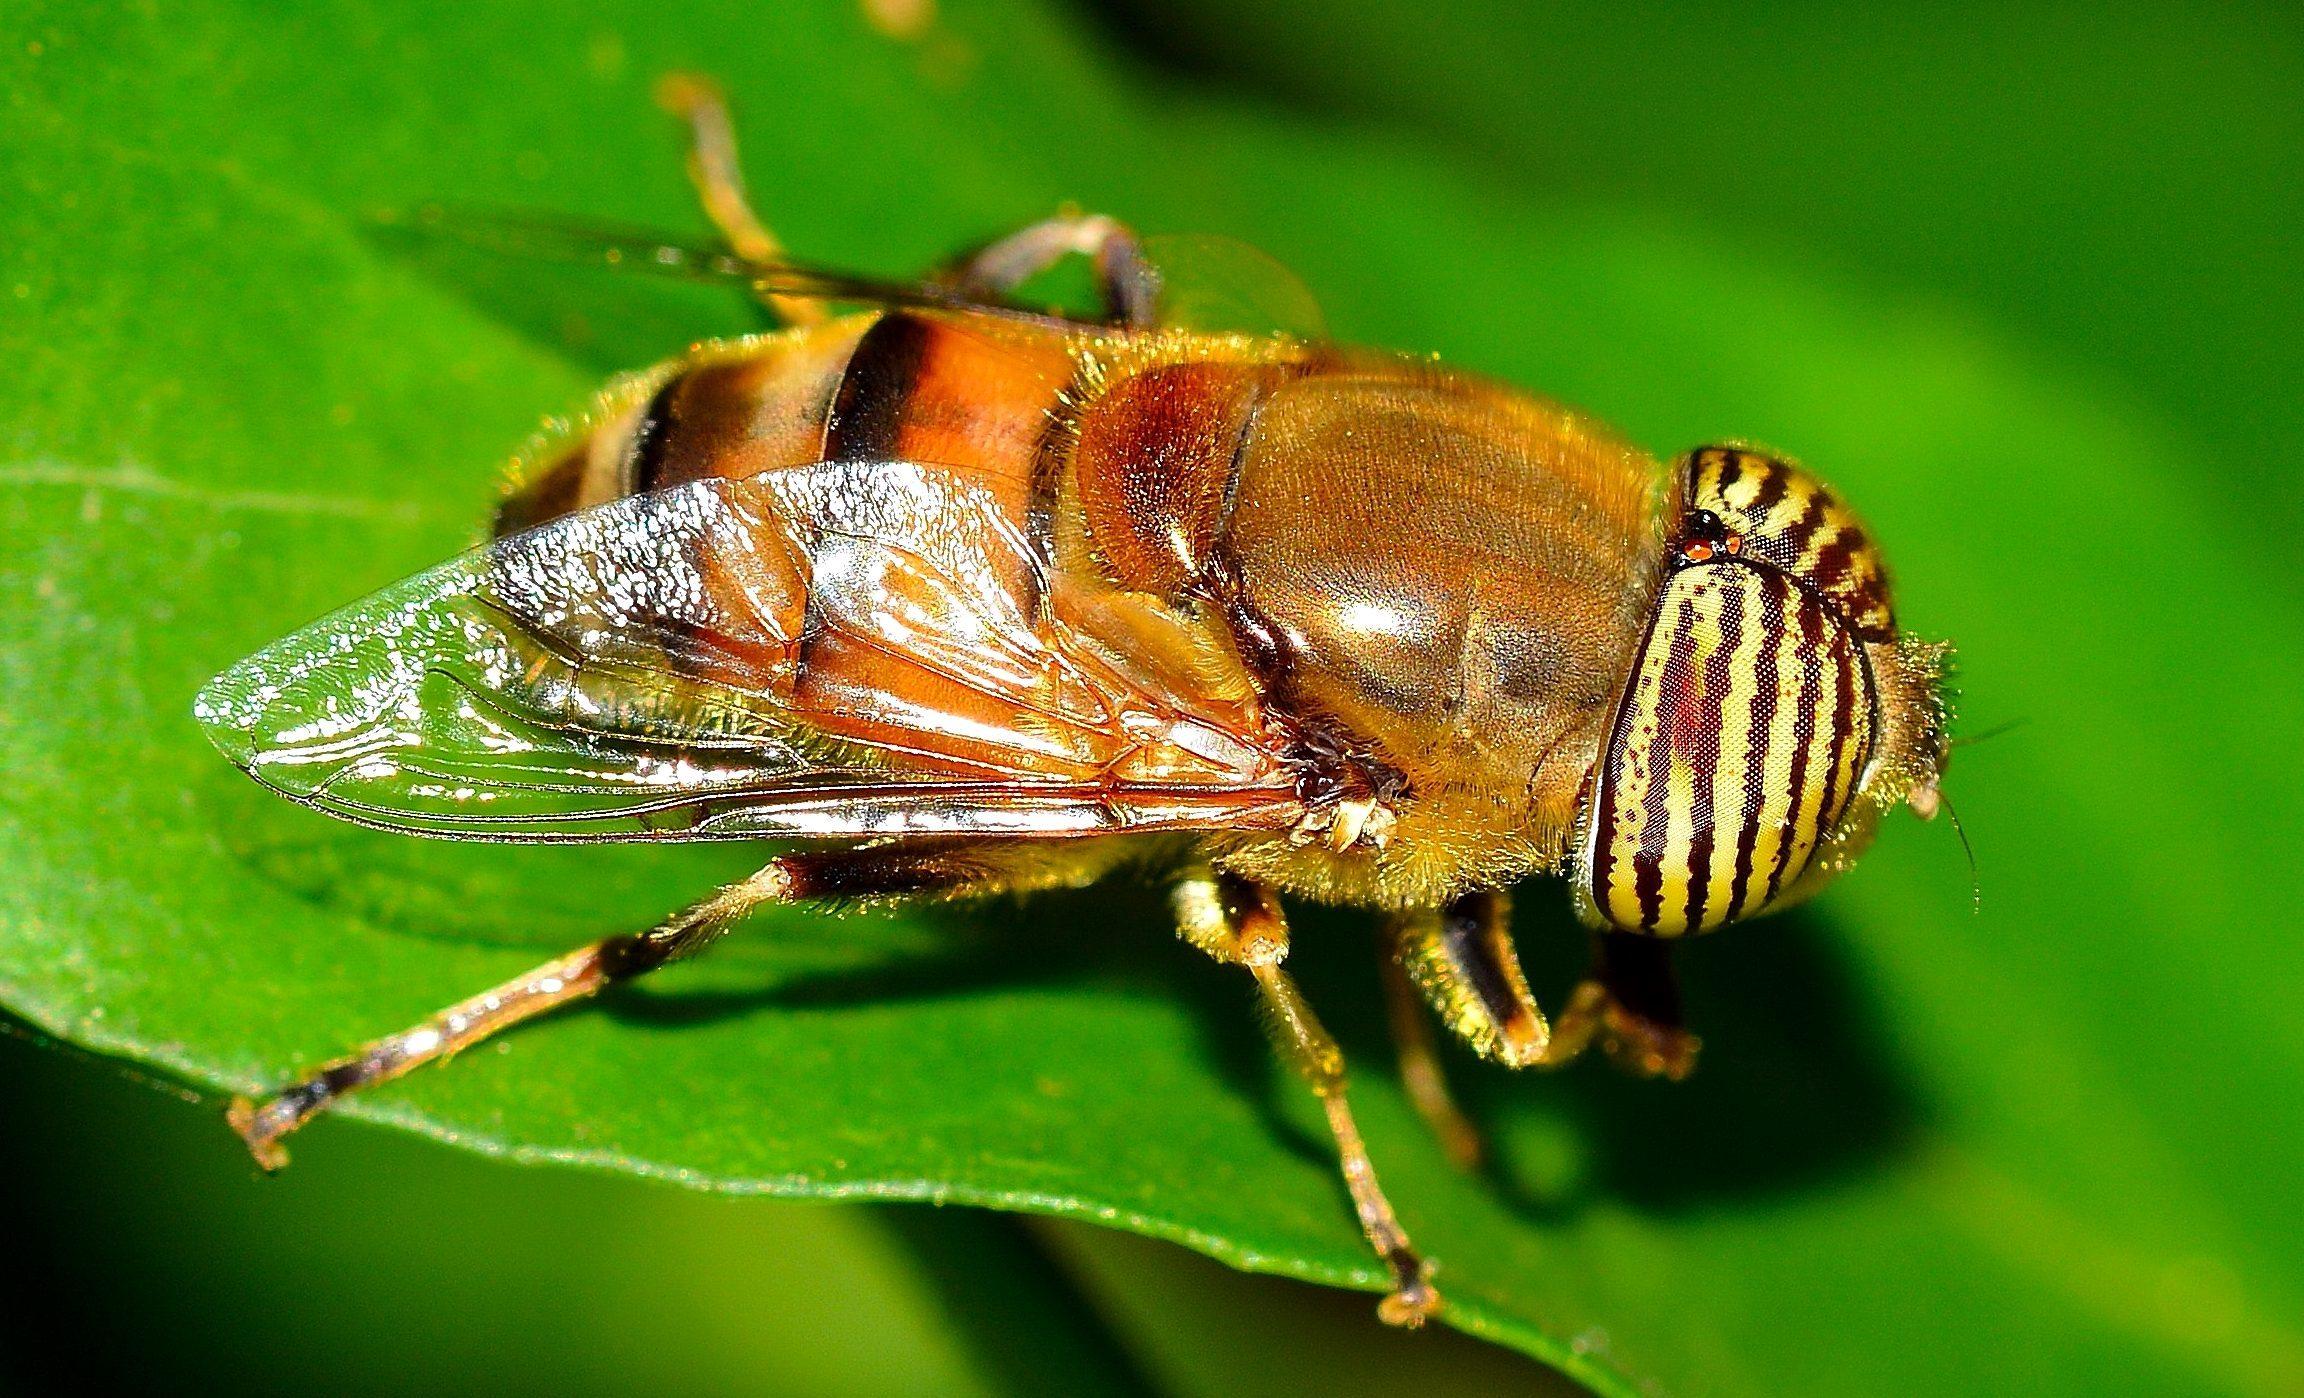 Vĩ Mô Hình Ảnh, Diptera Bay, Côn Trùng